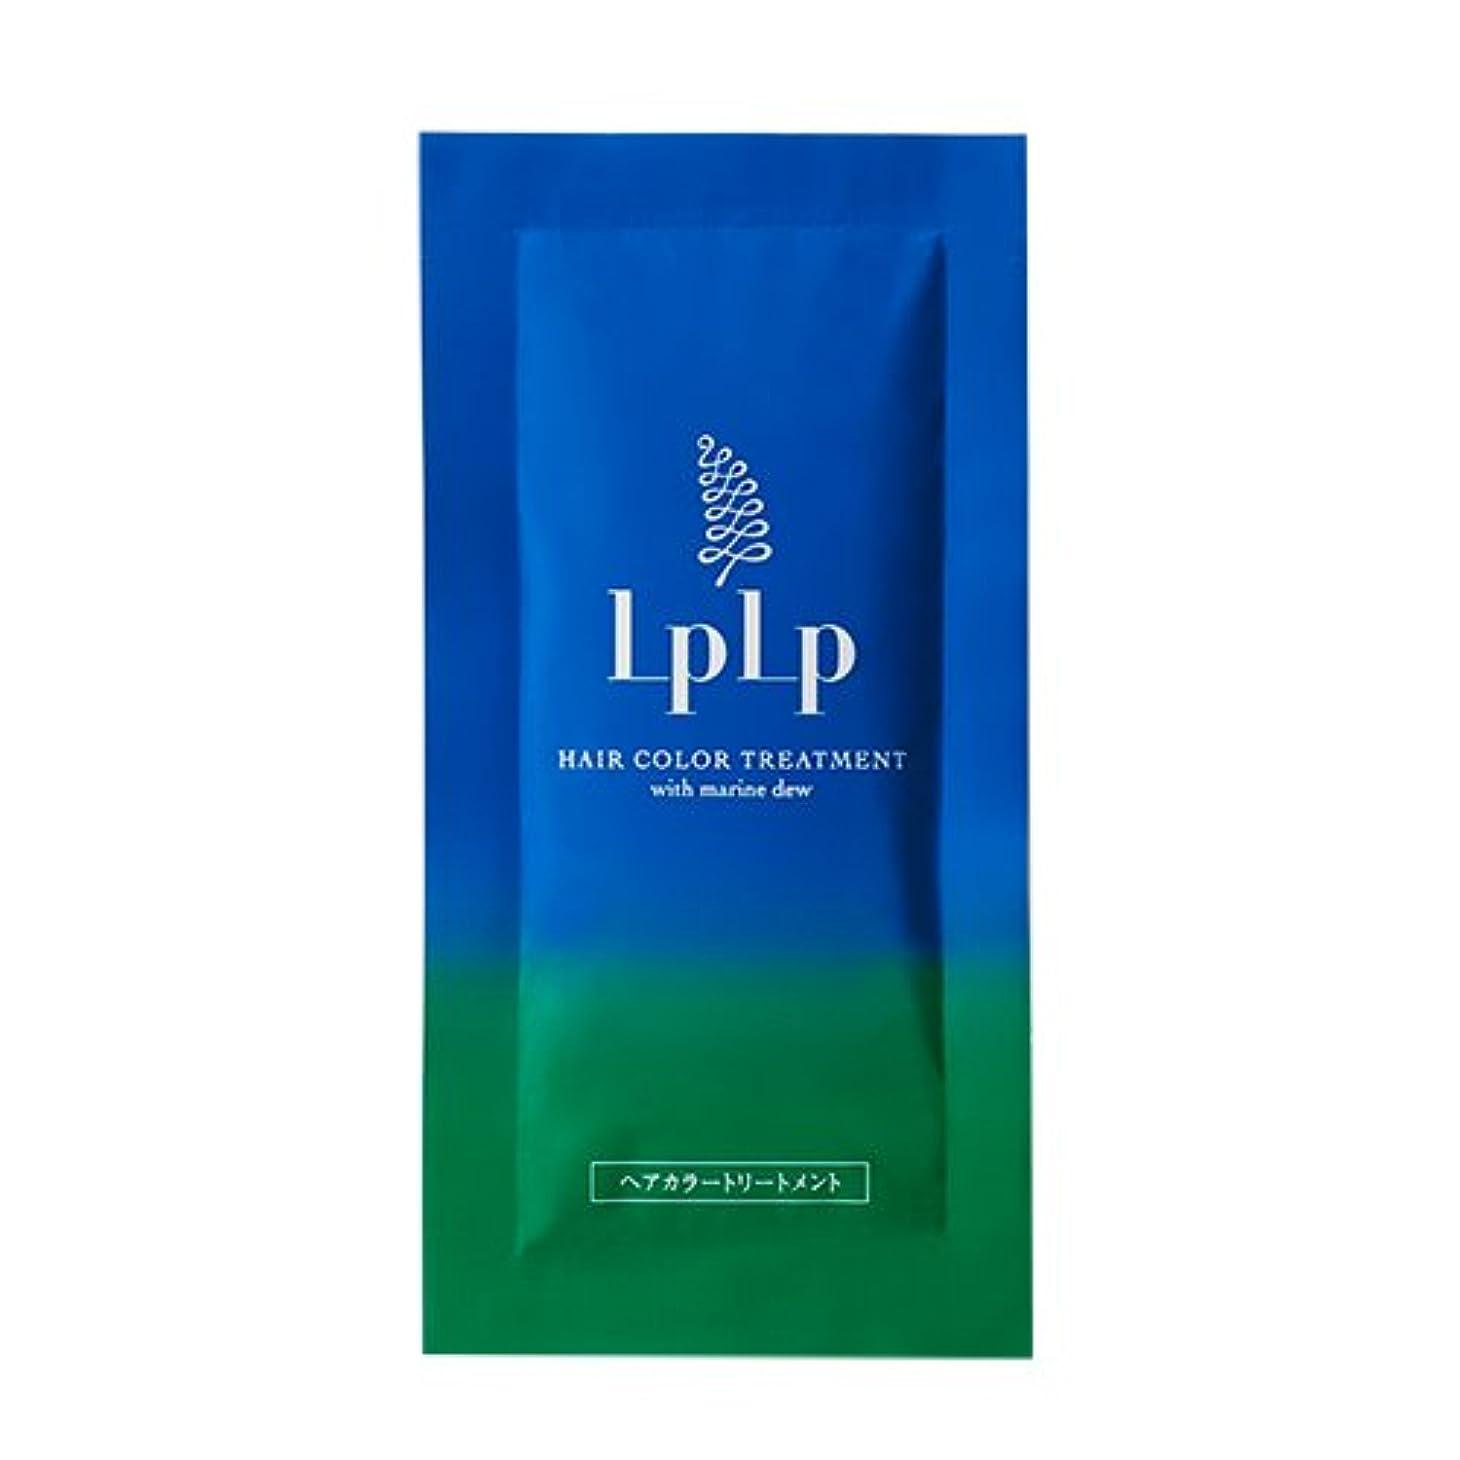 詳細にゴネリル聖域LPLP(ルプルプ)ヘアカラートリートメントお試しパウチ ダークブラウン